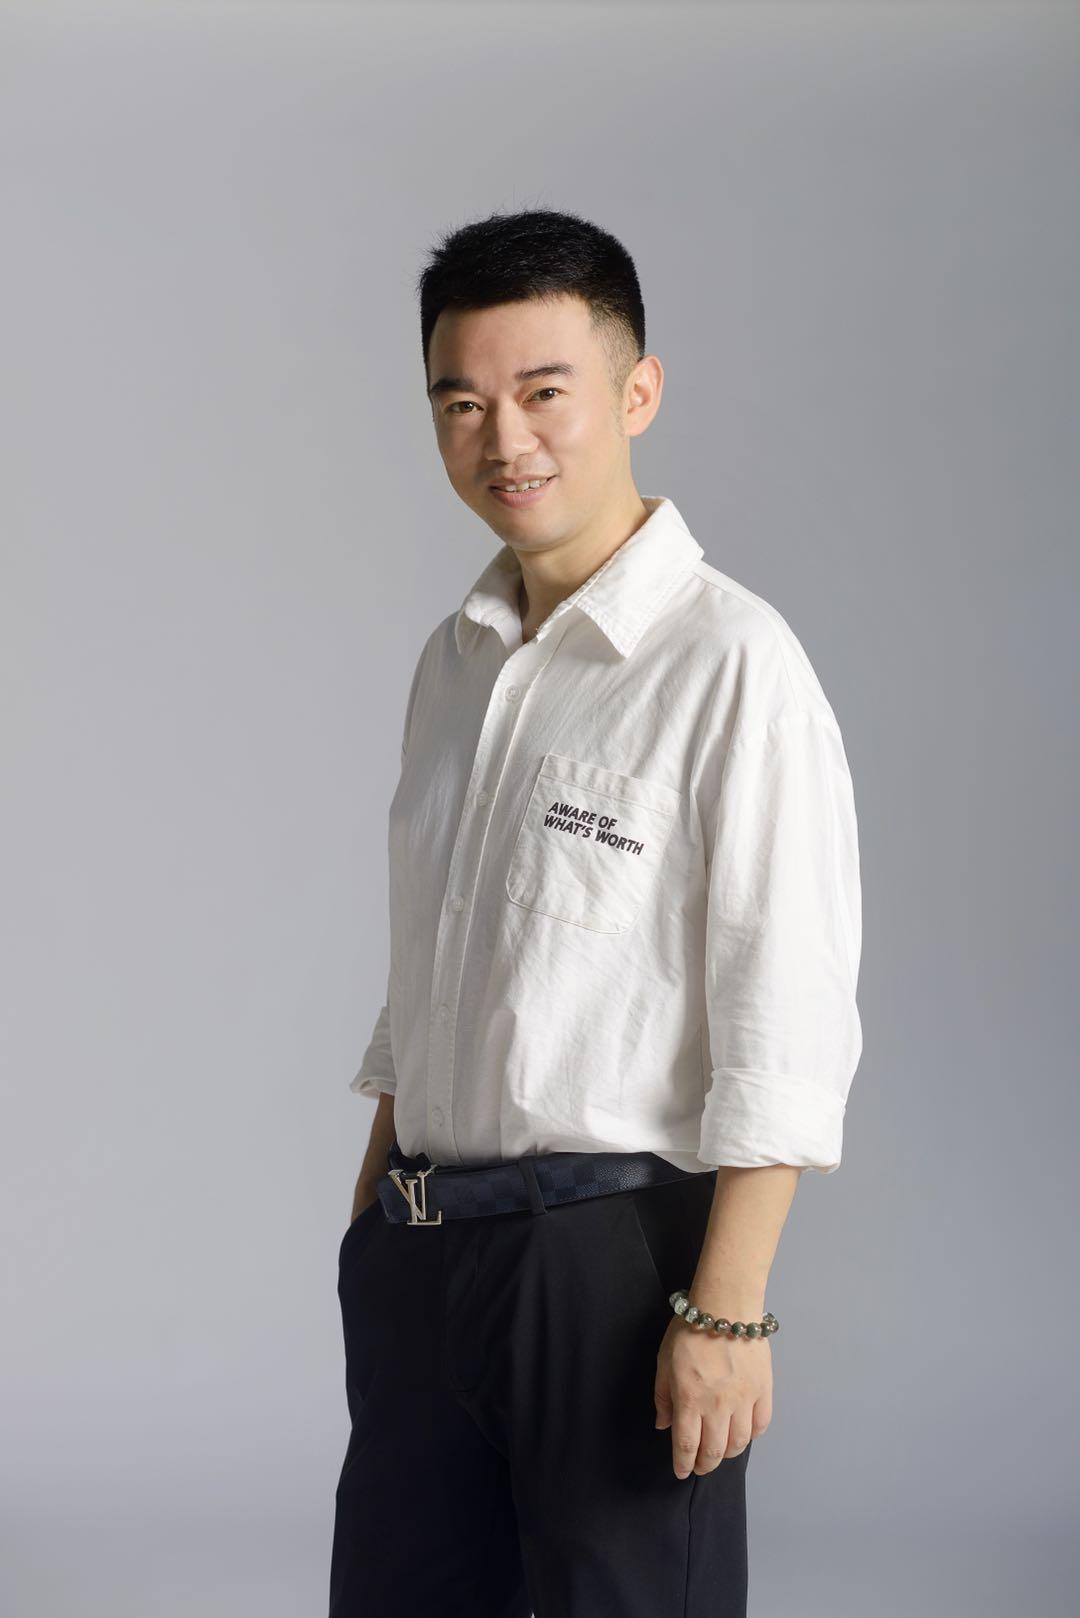 磊鑫科技_教师风采_湖南科技职业学院——商学院